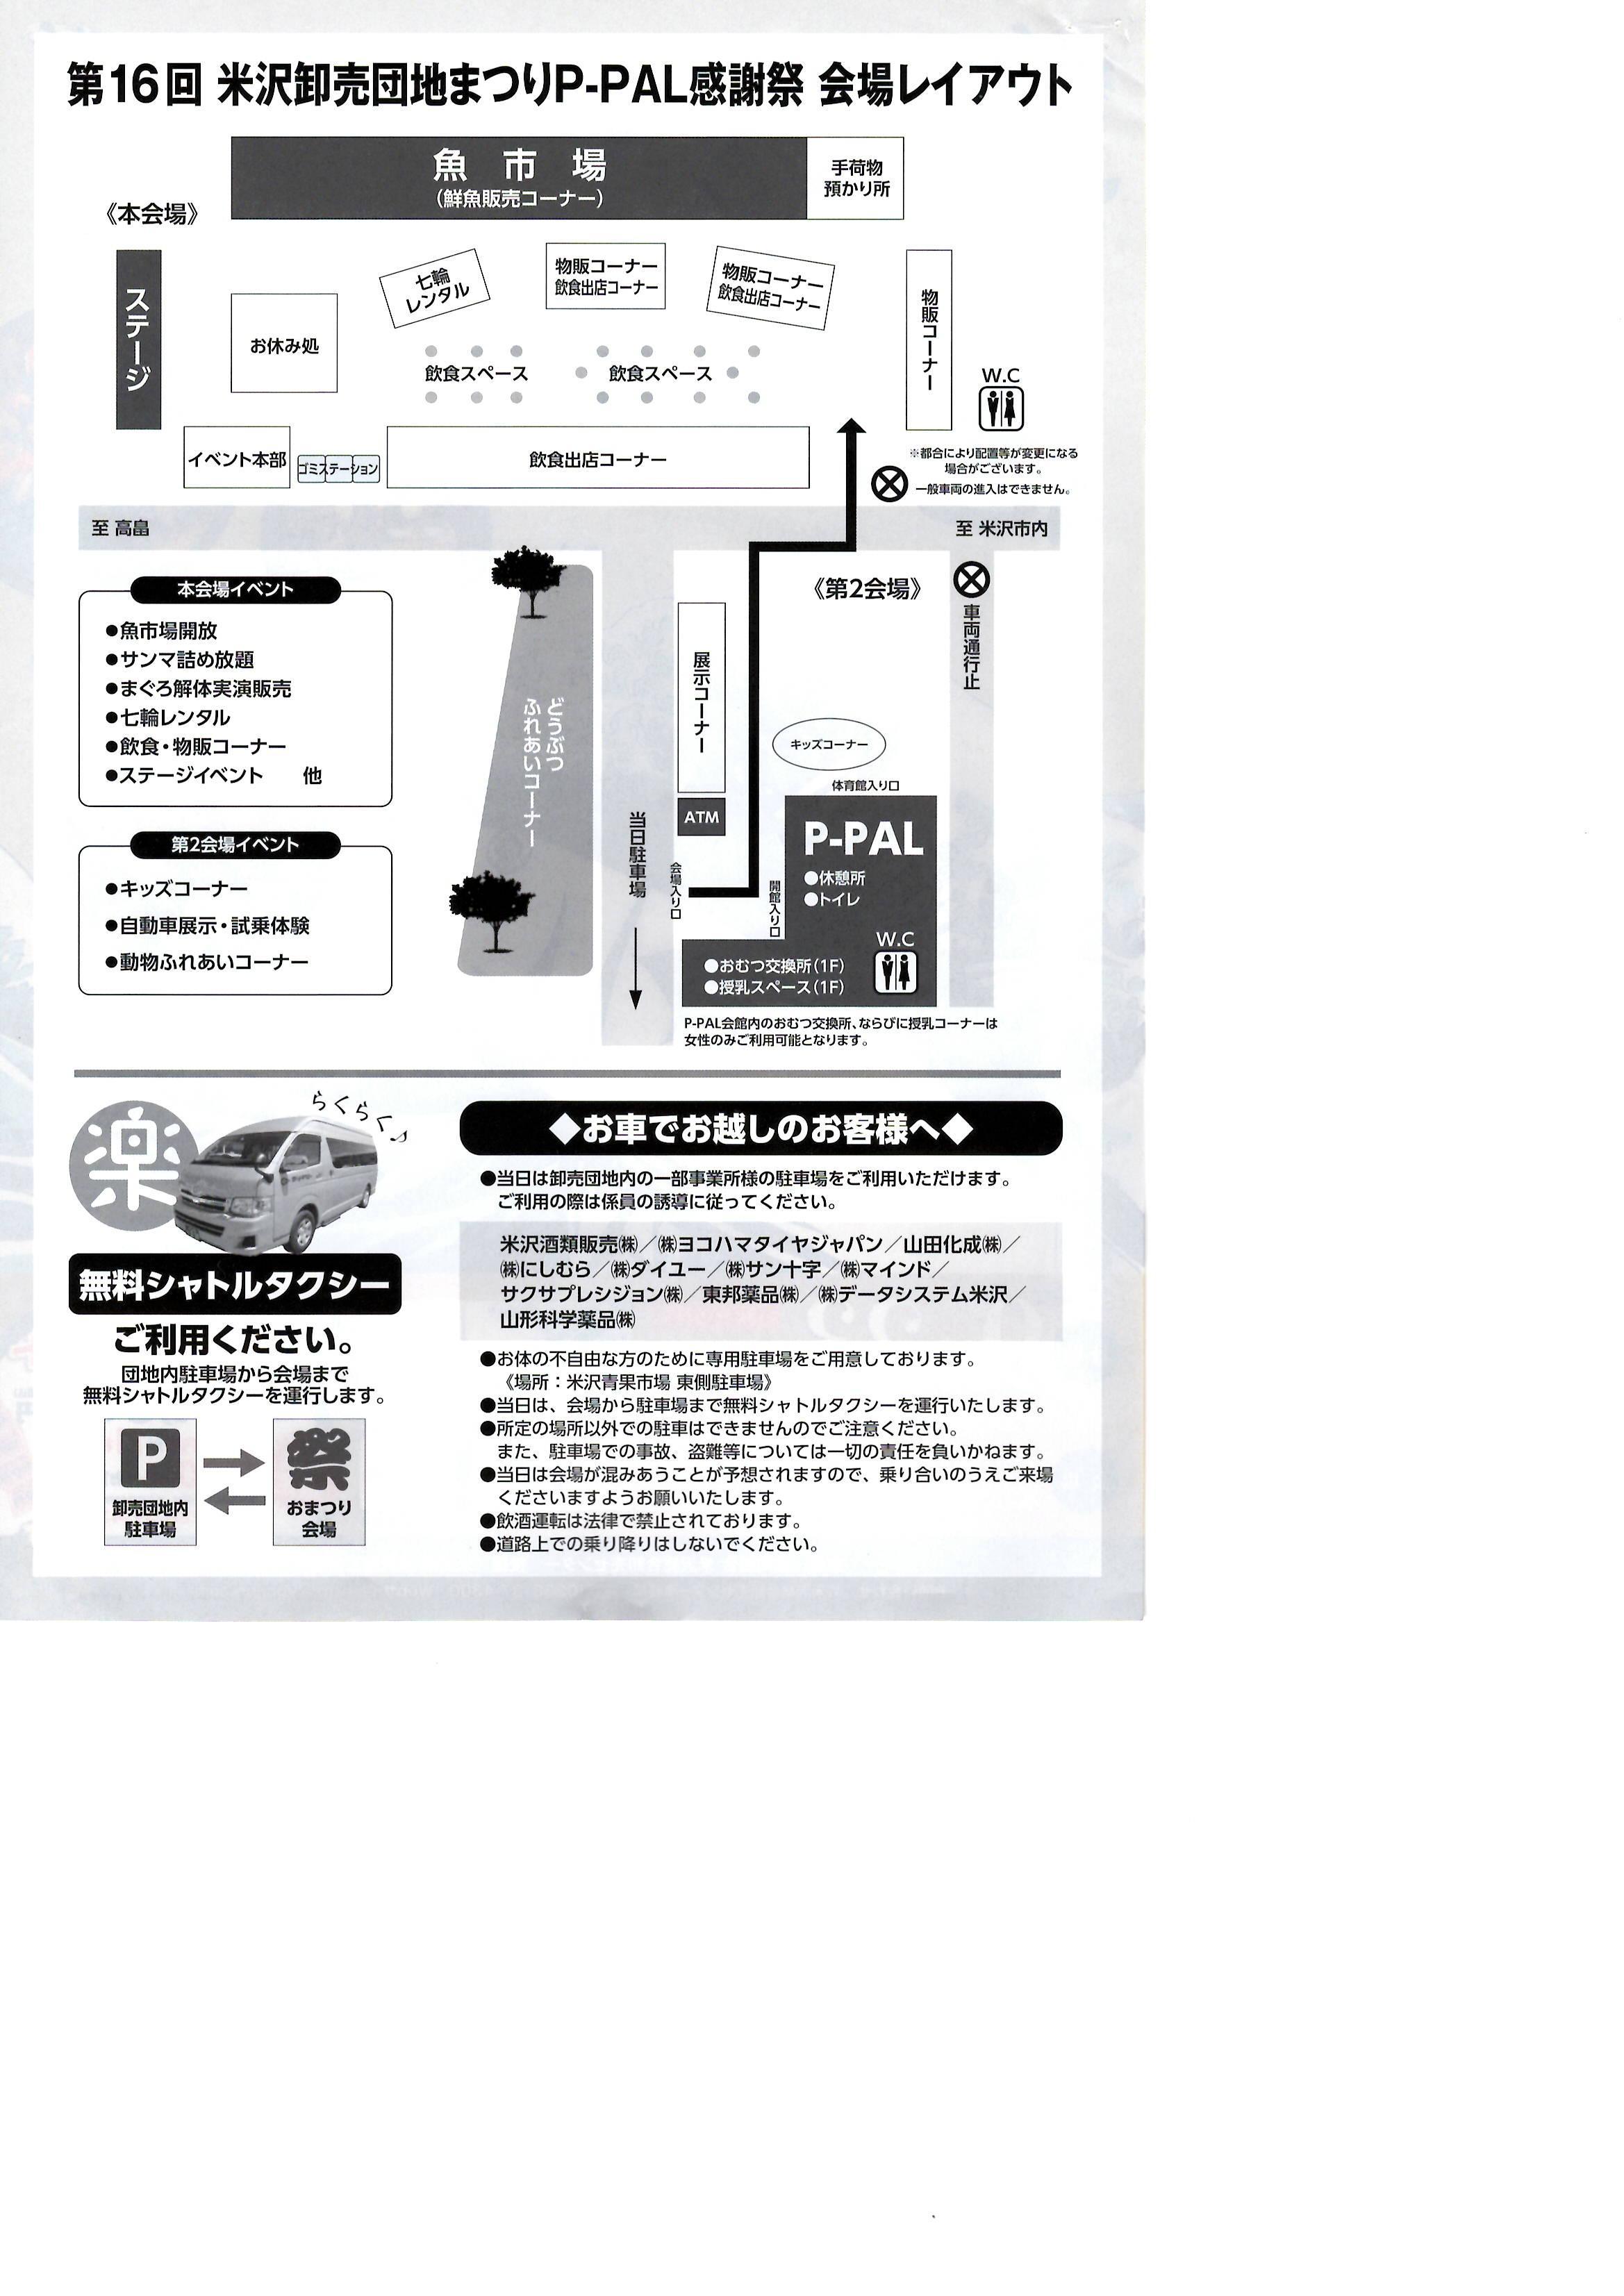 第16回 米沢卸売団地まつり!